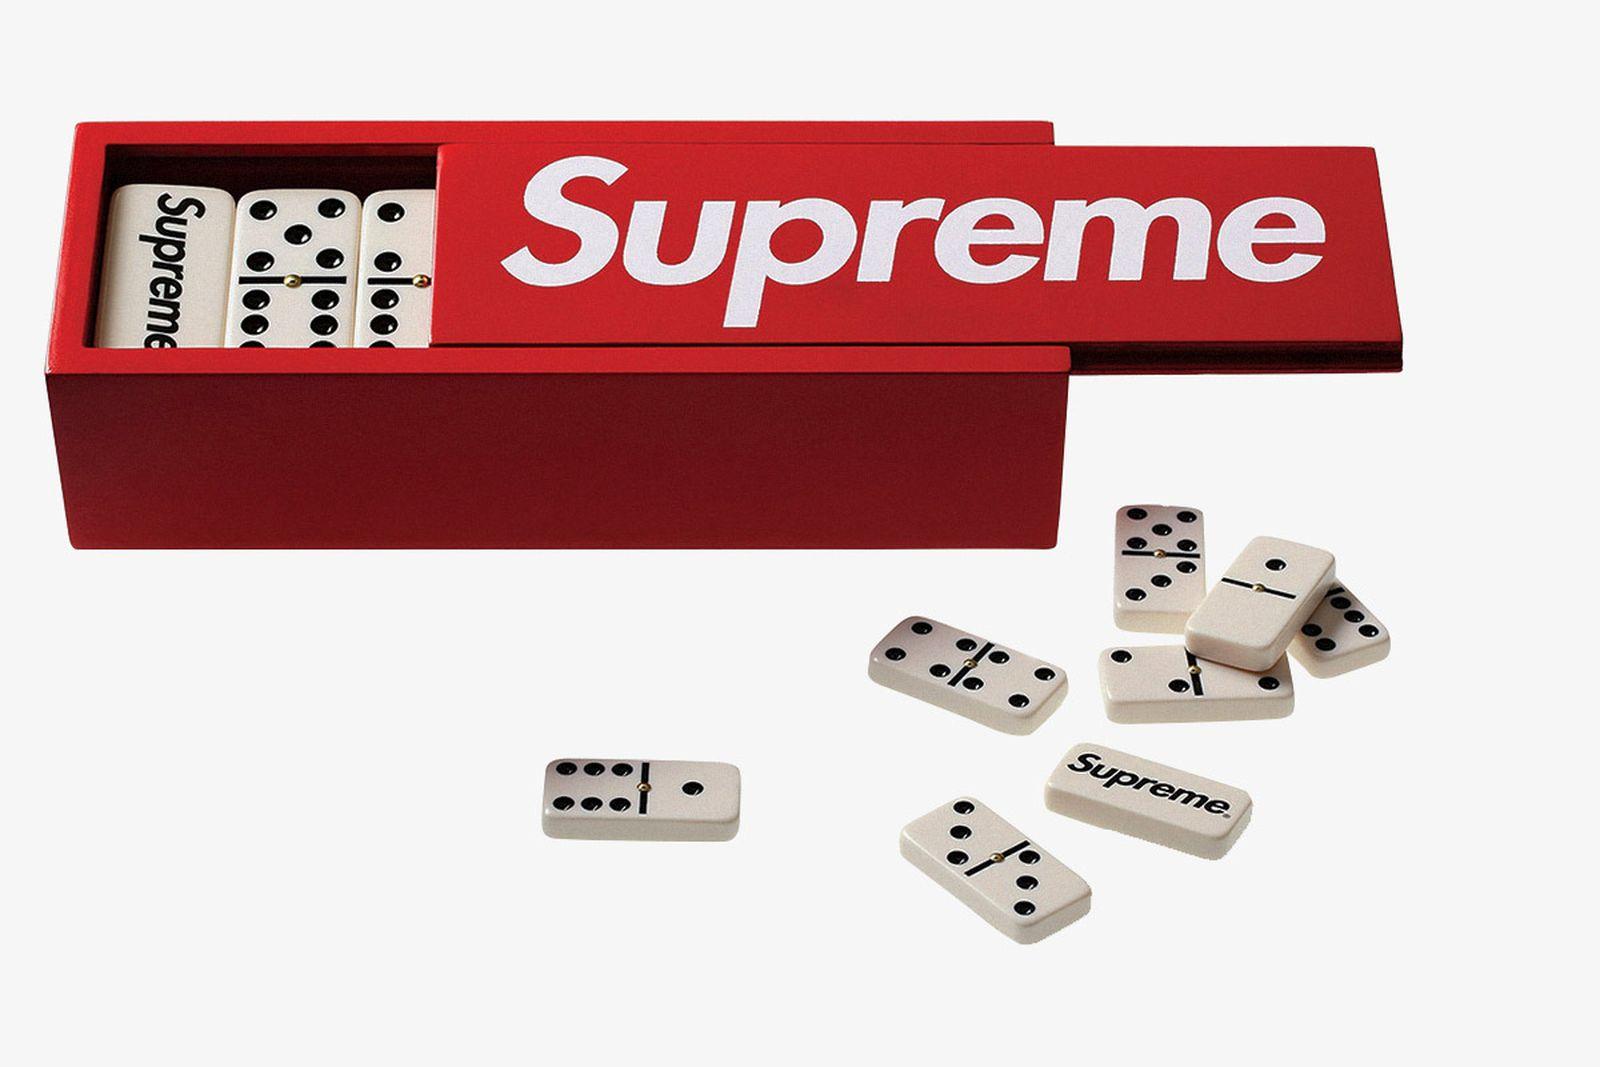 supreme accessories domino